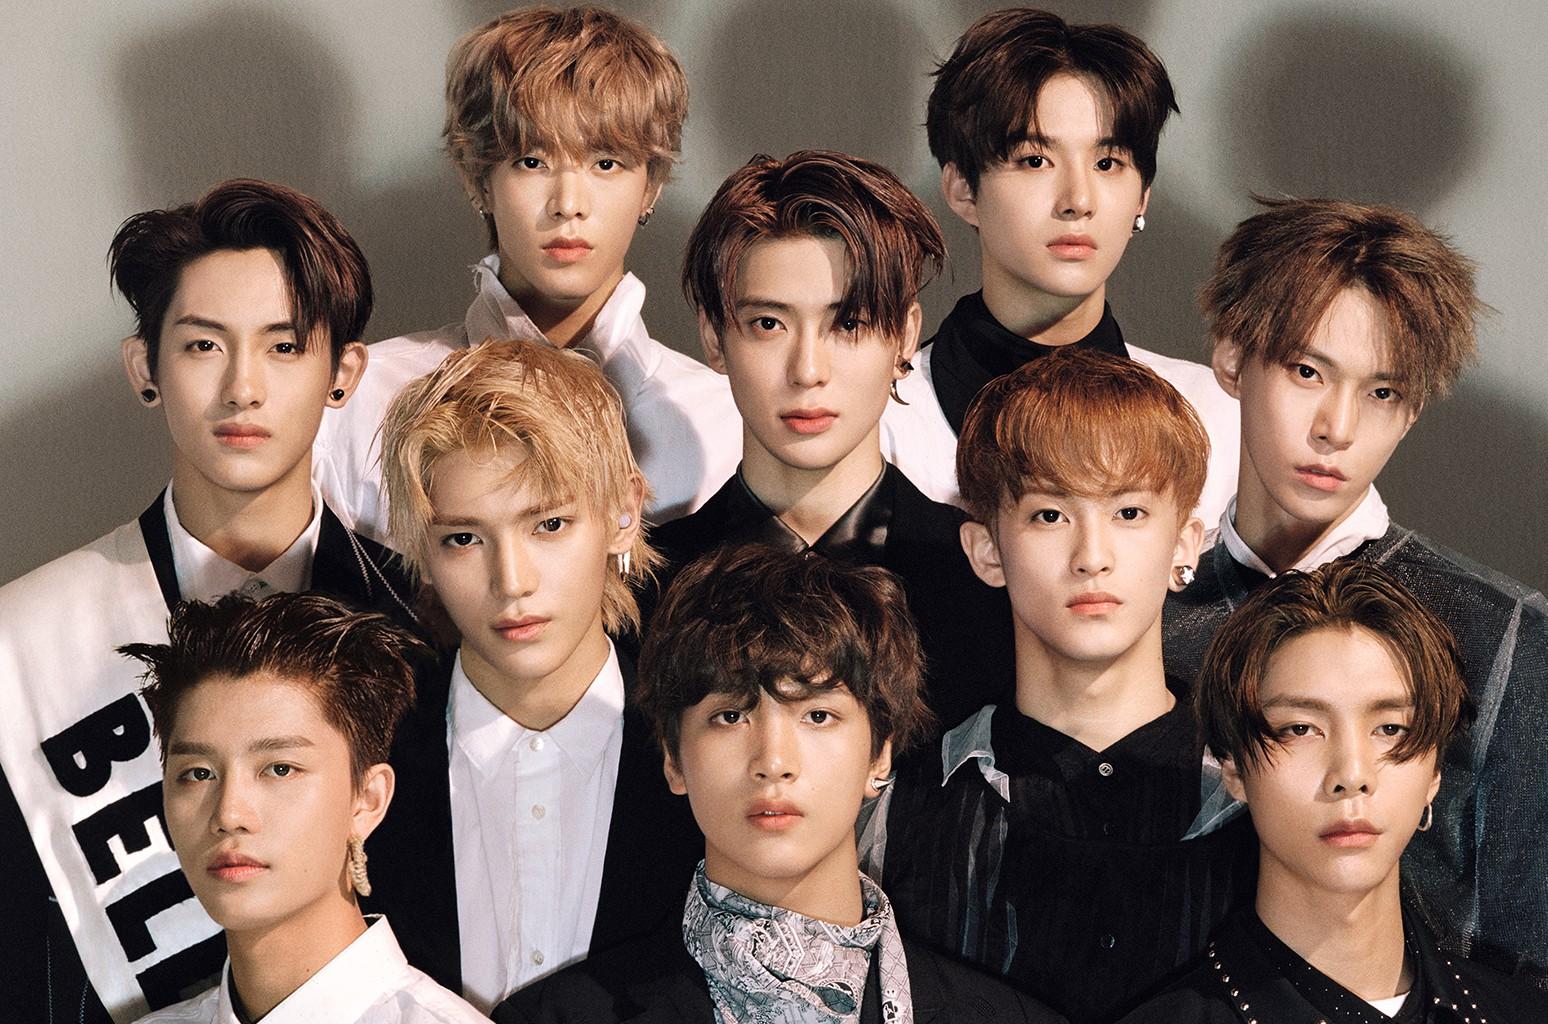 Chuyên gia dự đoán những nhóm nhạc thành công trong năm 2019: EXO và BlackPink đều vắng mặt - Ảnh 4.